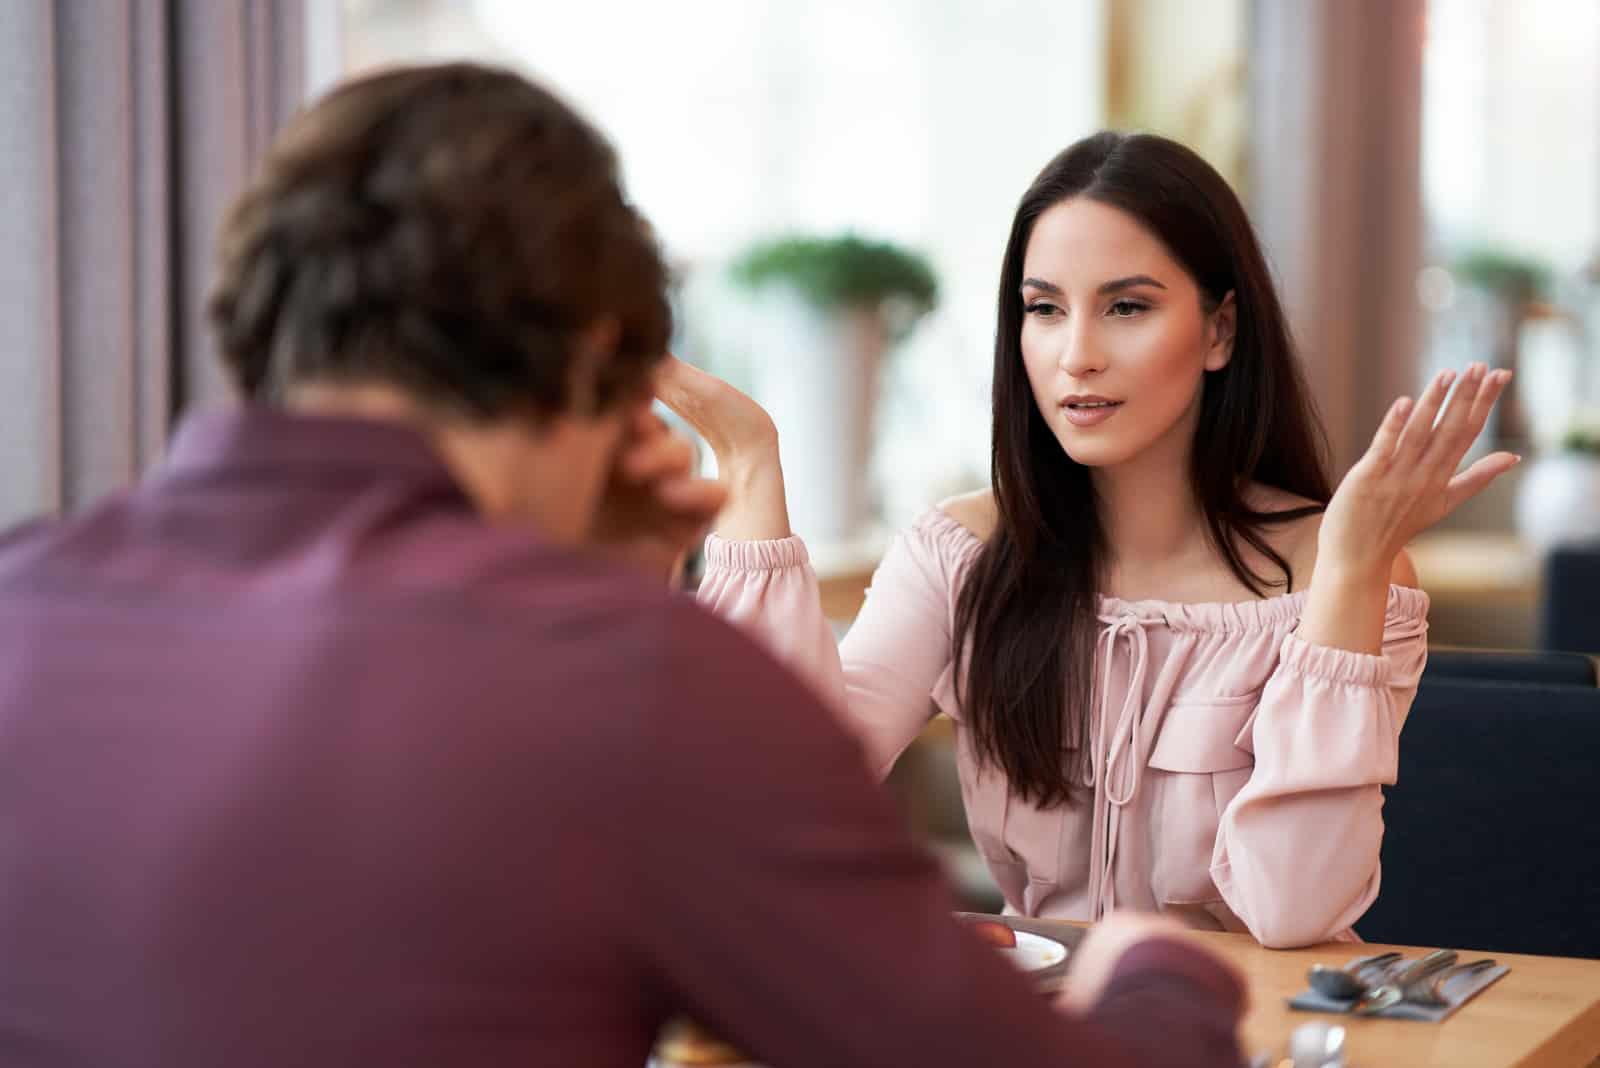 un homme et une femme se disputent dans un café alors qu'ils sont assis face à face